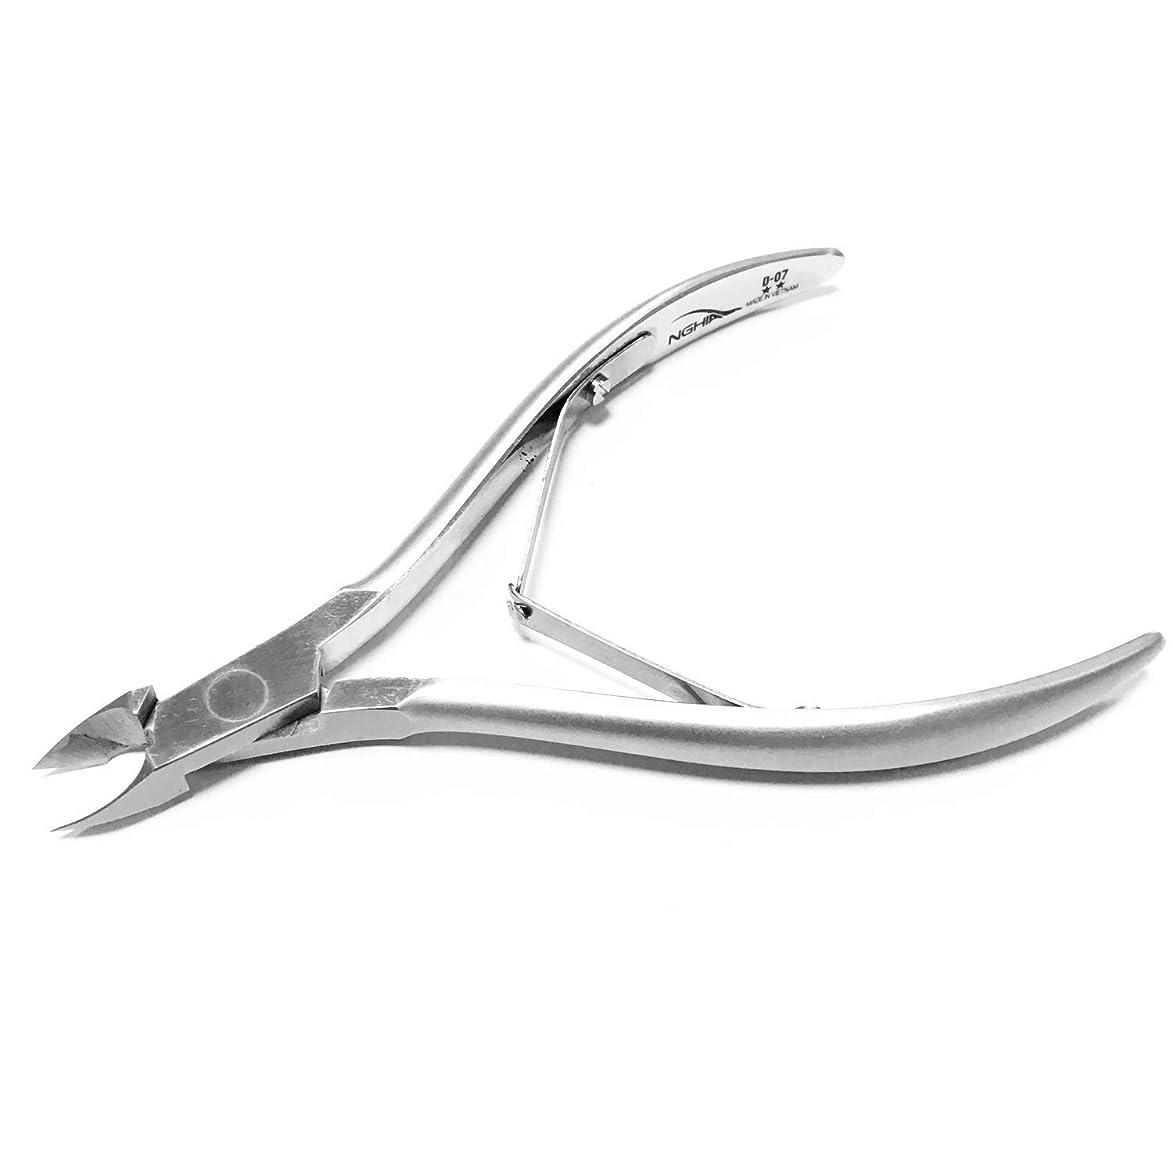 他のバンドで計画的ビーズNGHIA キューティクルニッパー ペディキュアや美容ツール 理想的 な爪 足爪 用 専門外科グレードのステンレススチールキューティクルニッパー、ニッケルメッキ、シングルスプリング、7mmジョー